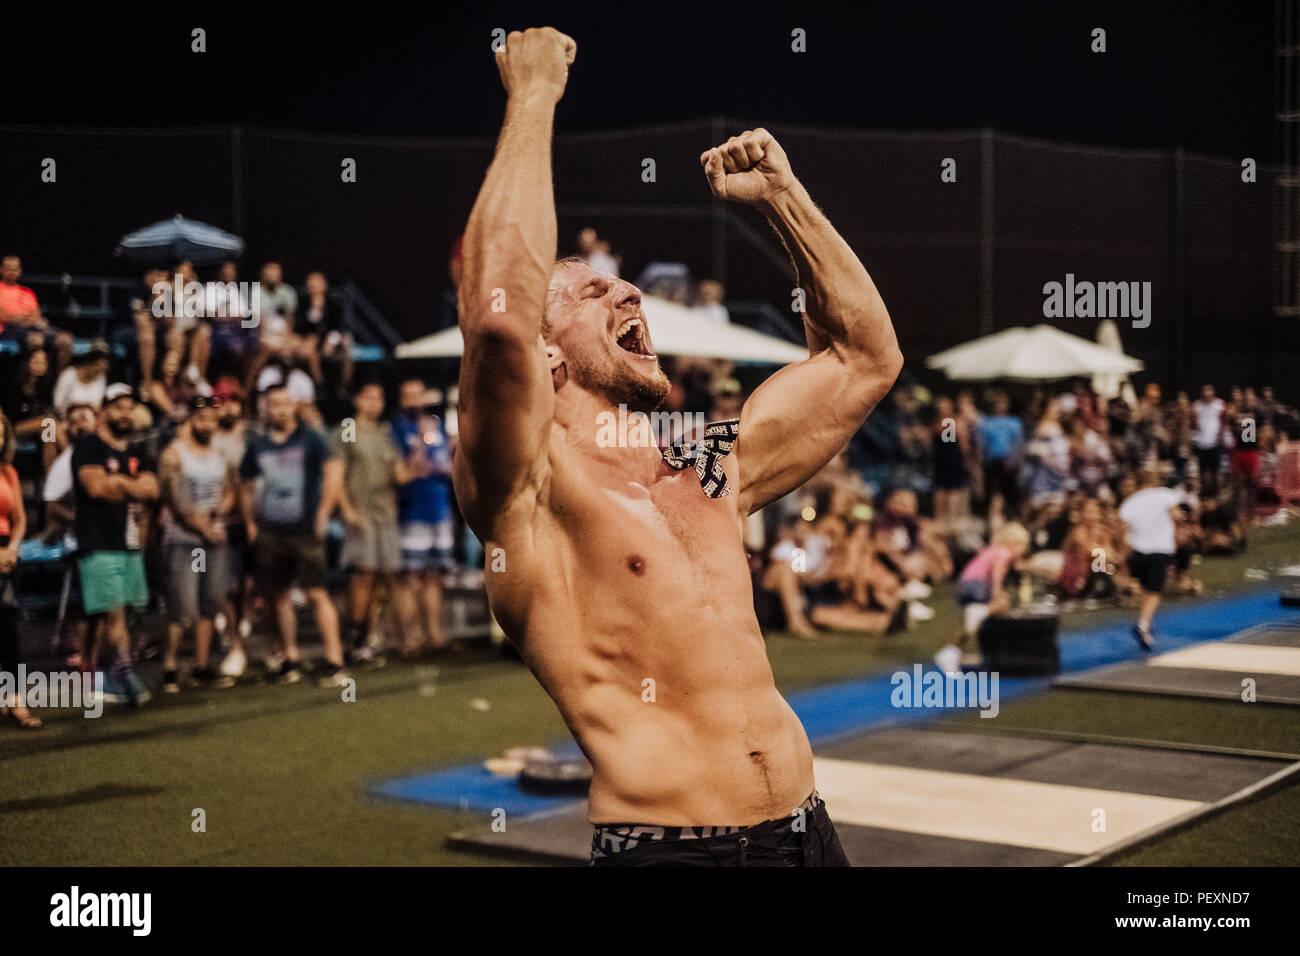 Athlète Crossfit célébrant la victoire Photo Stock